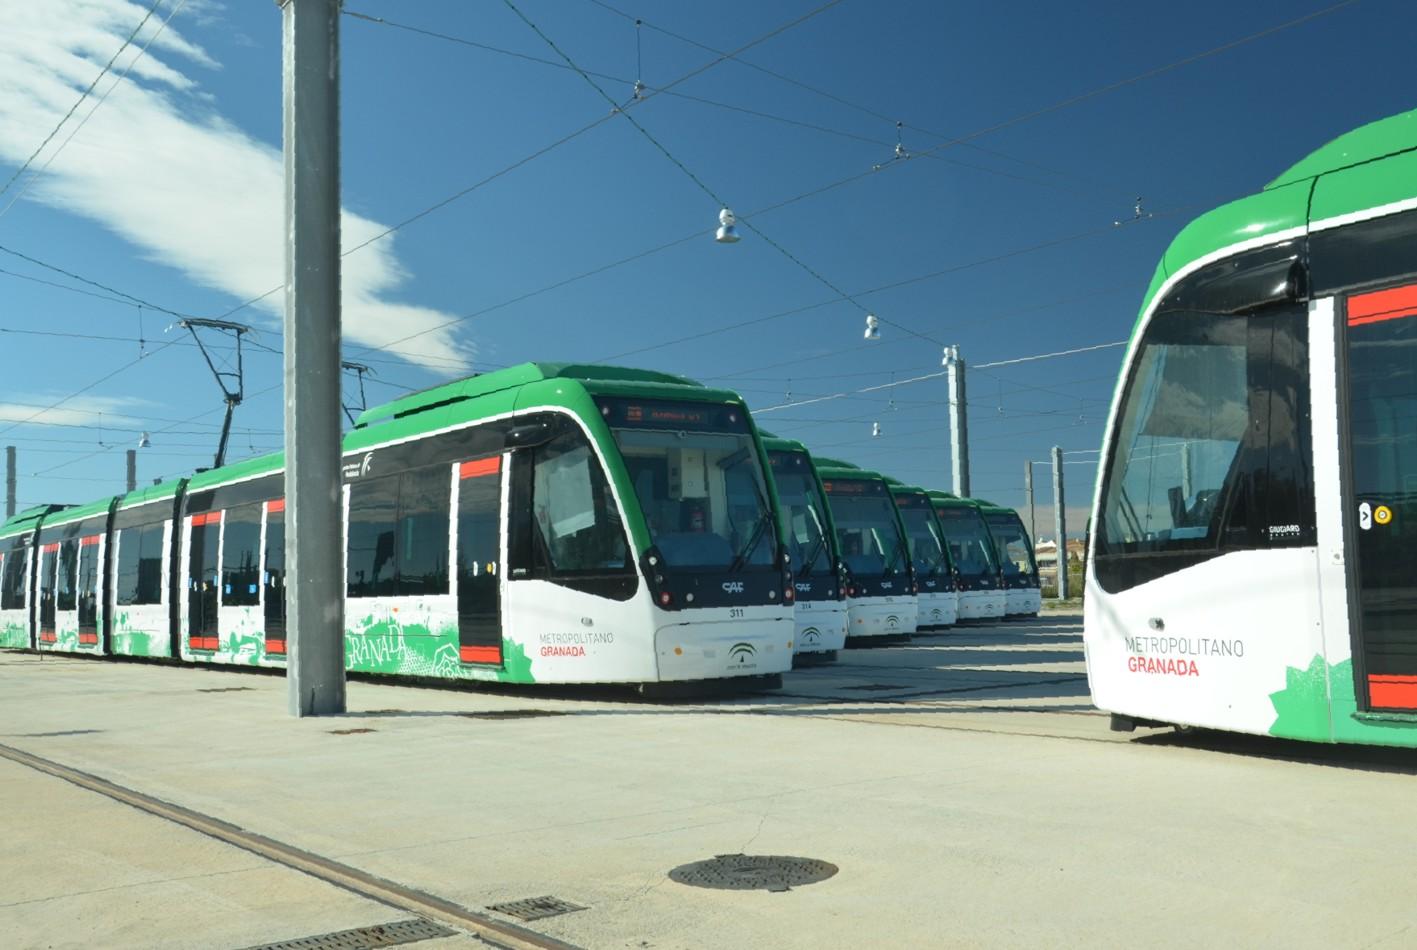 En Talleres y Cocheras est�n ubicadas las 15 unidades de trenes de metro de Granada.